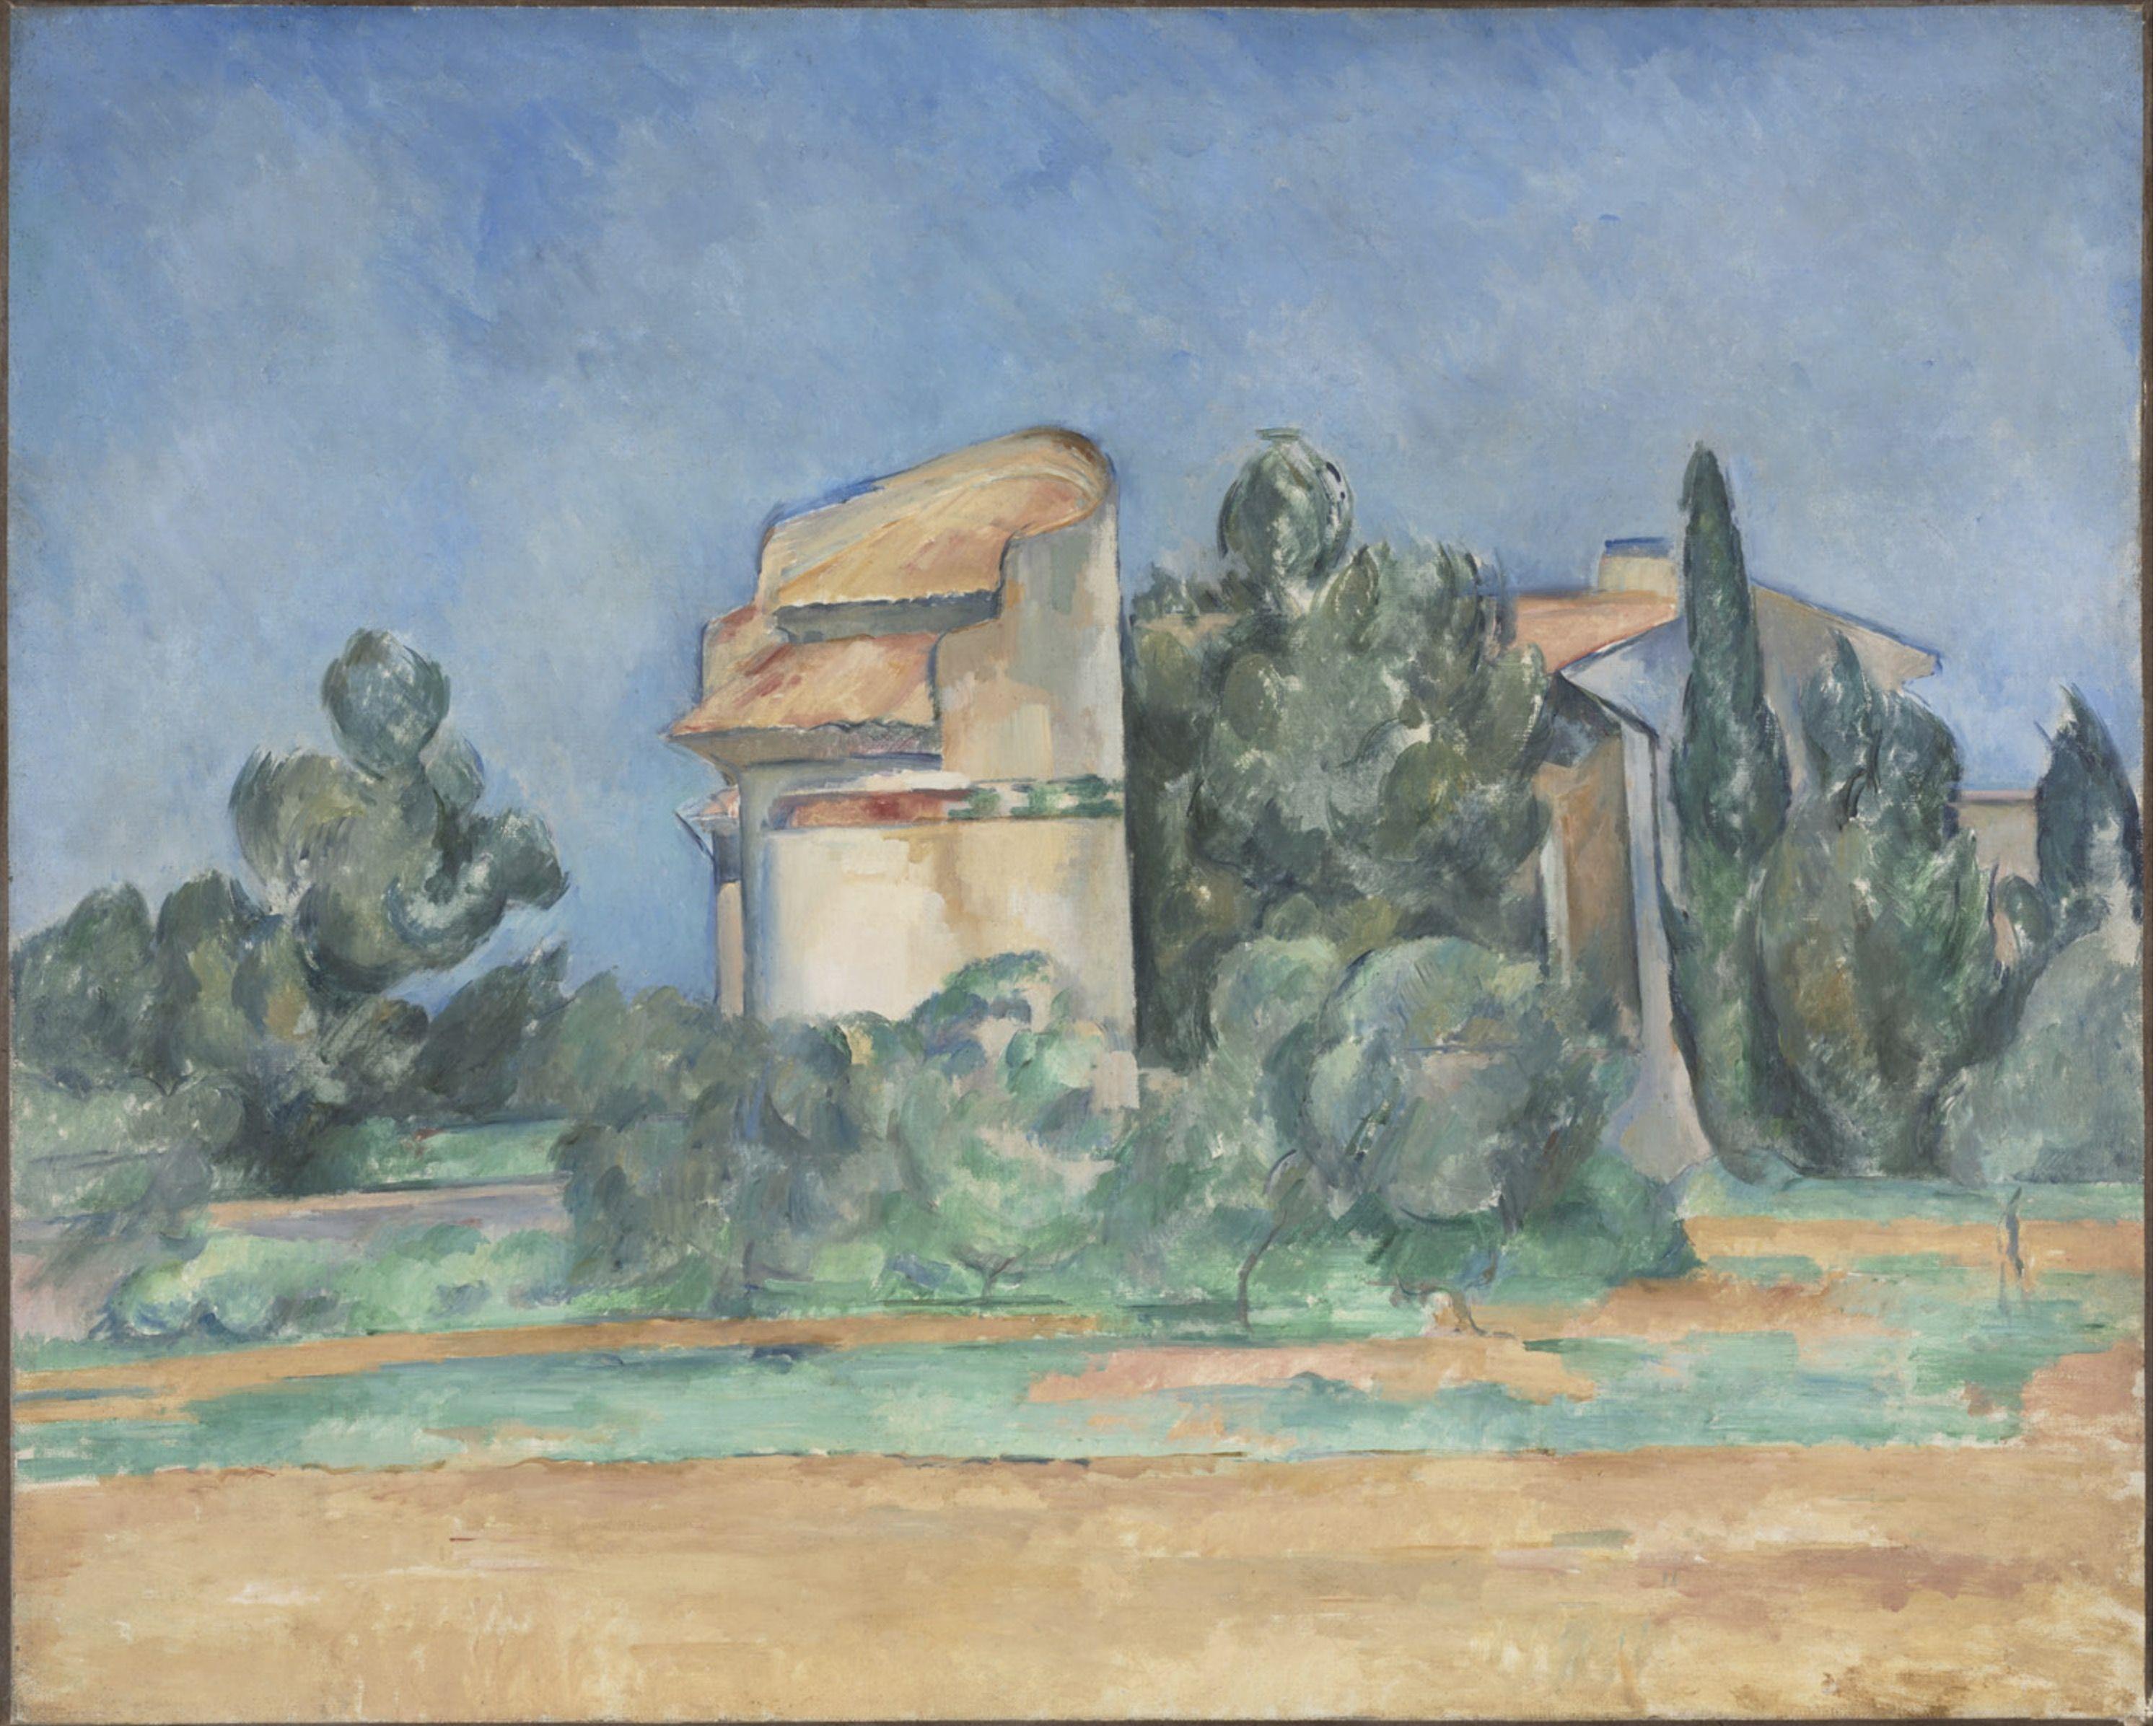 Paul Cézanne - Le Pigeonnier de Bellevue (1889-1890)